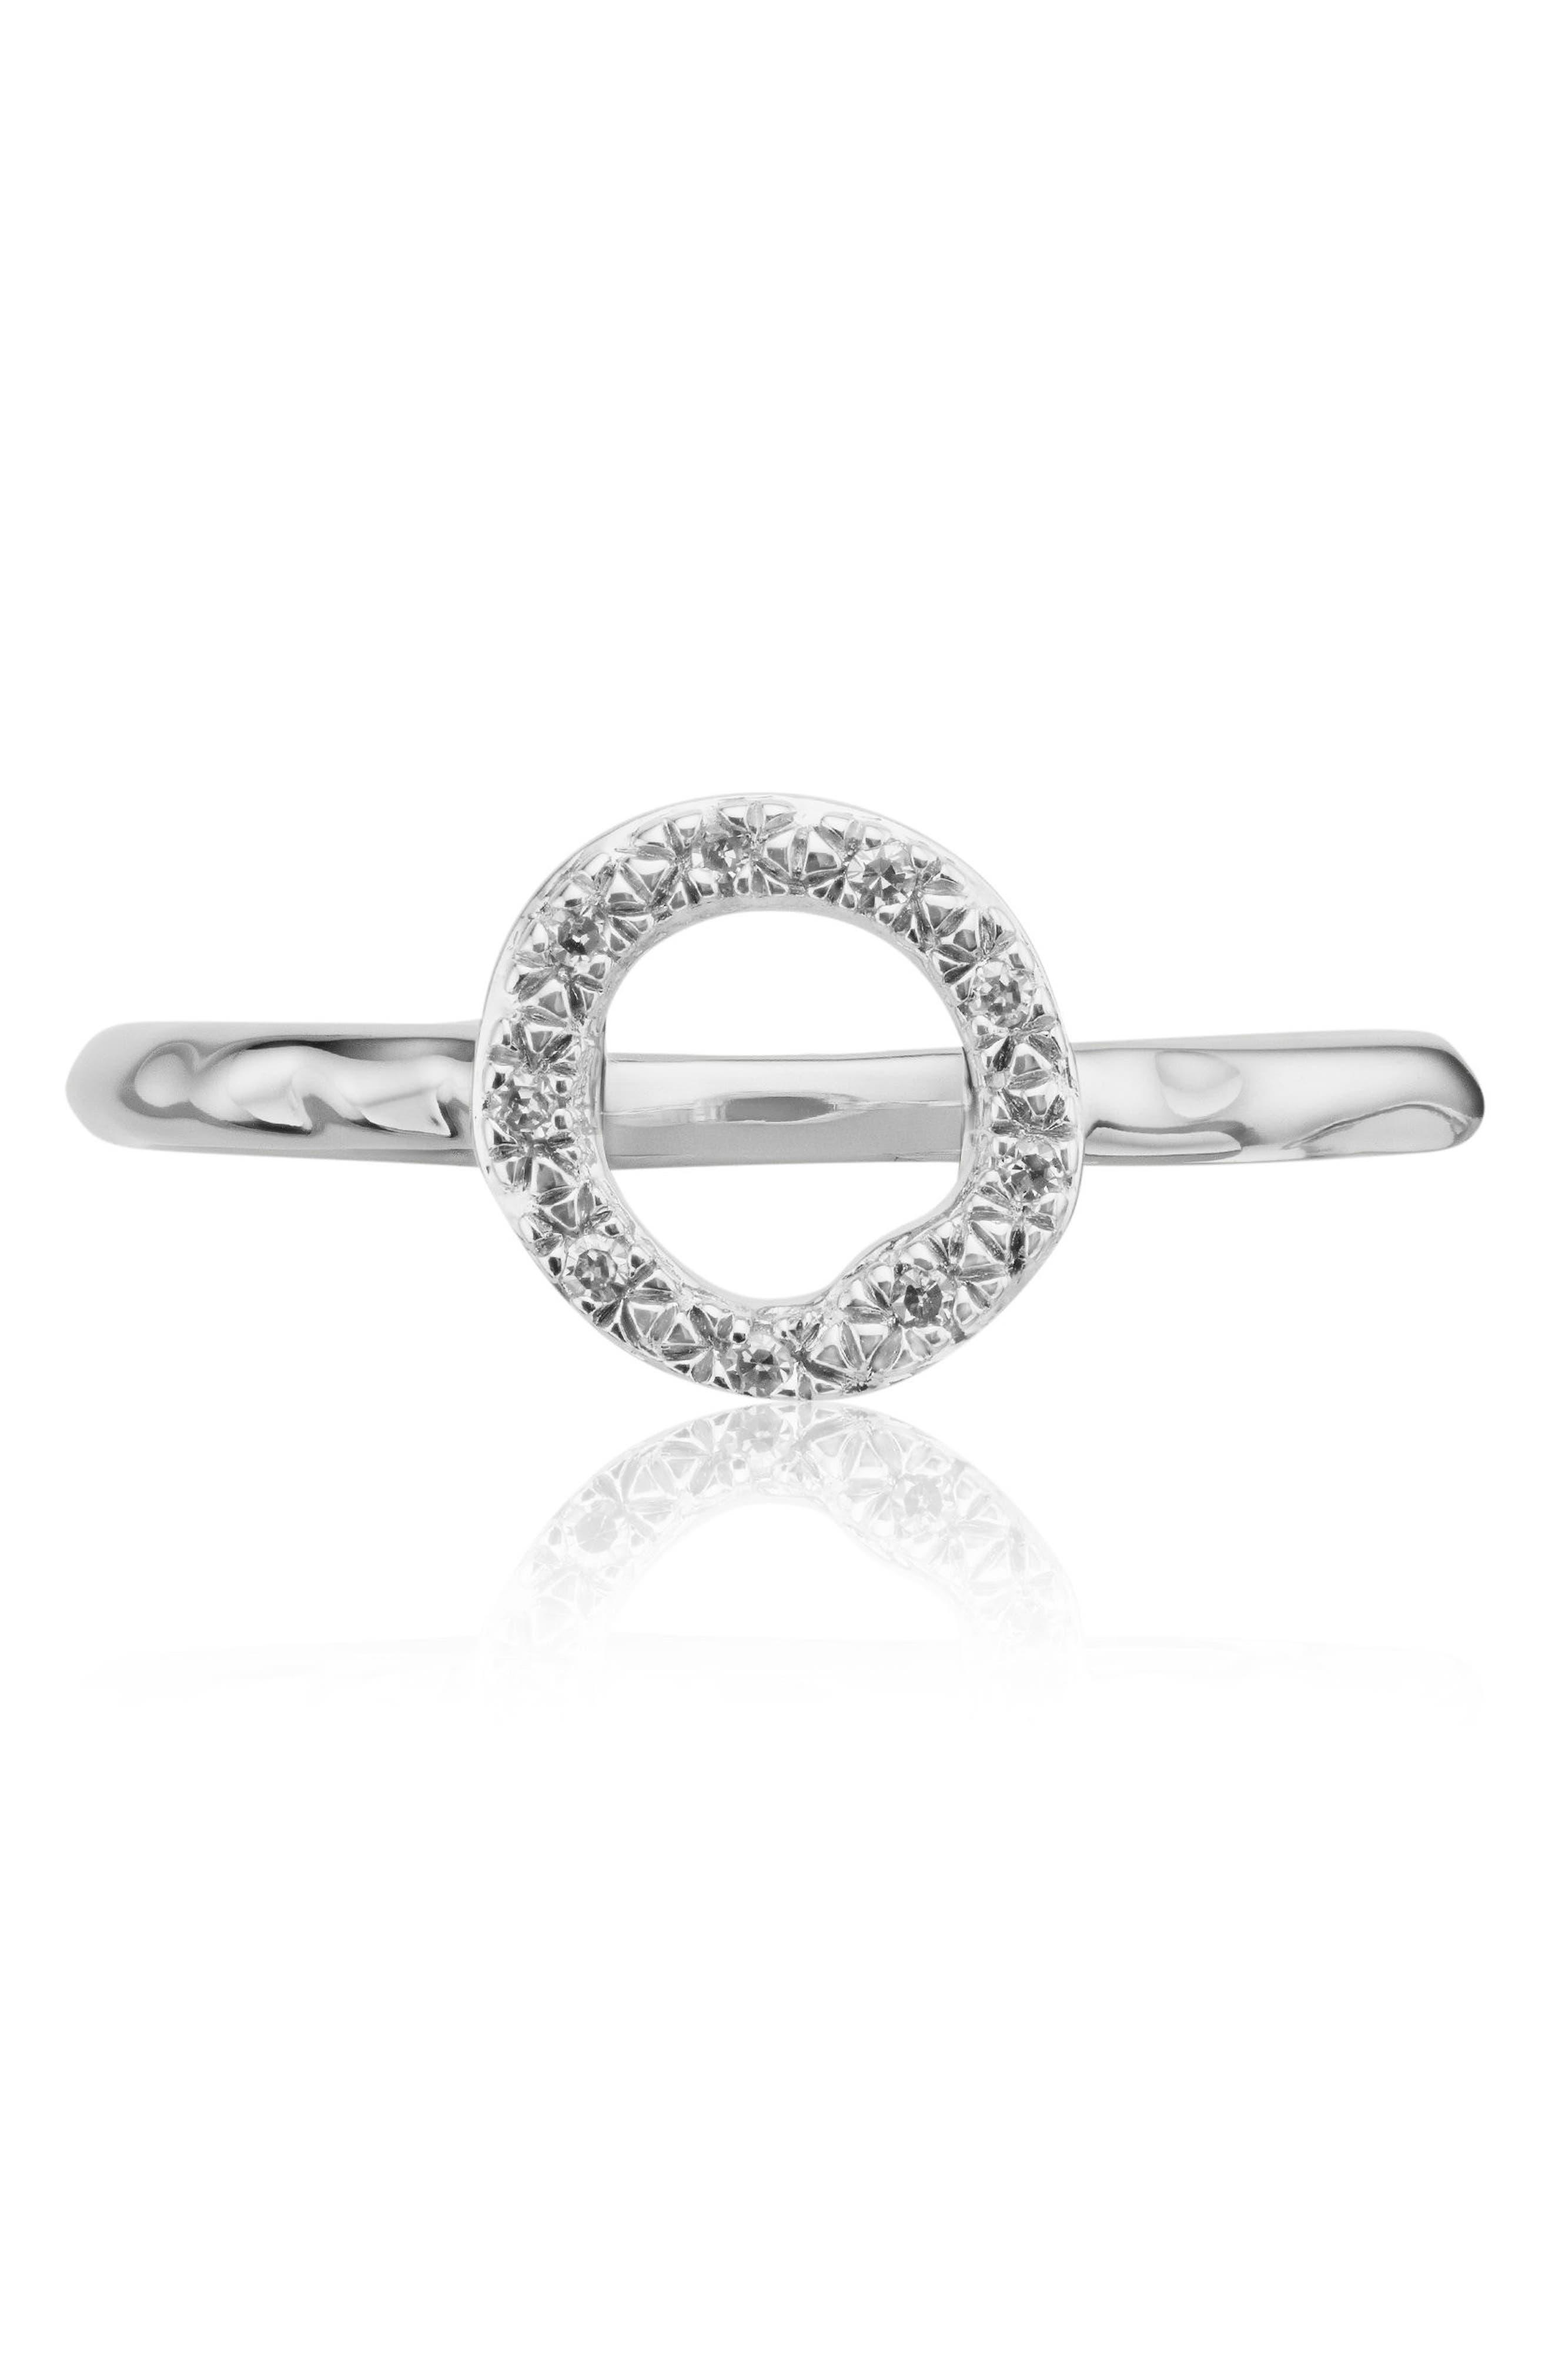 Riva Diamond Mini Circle Ring,                             Main thumbnail 1, color,                             SILVER/ DIAMOND